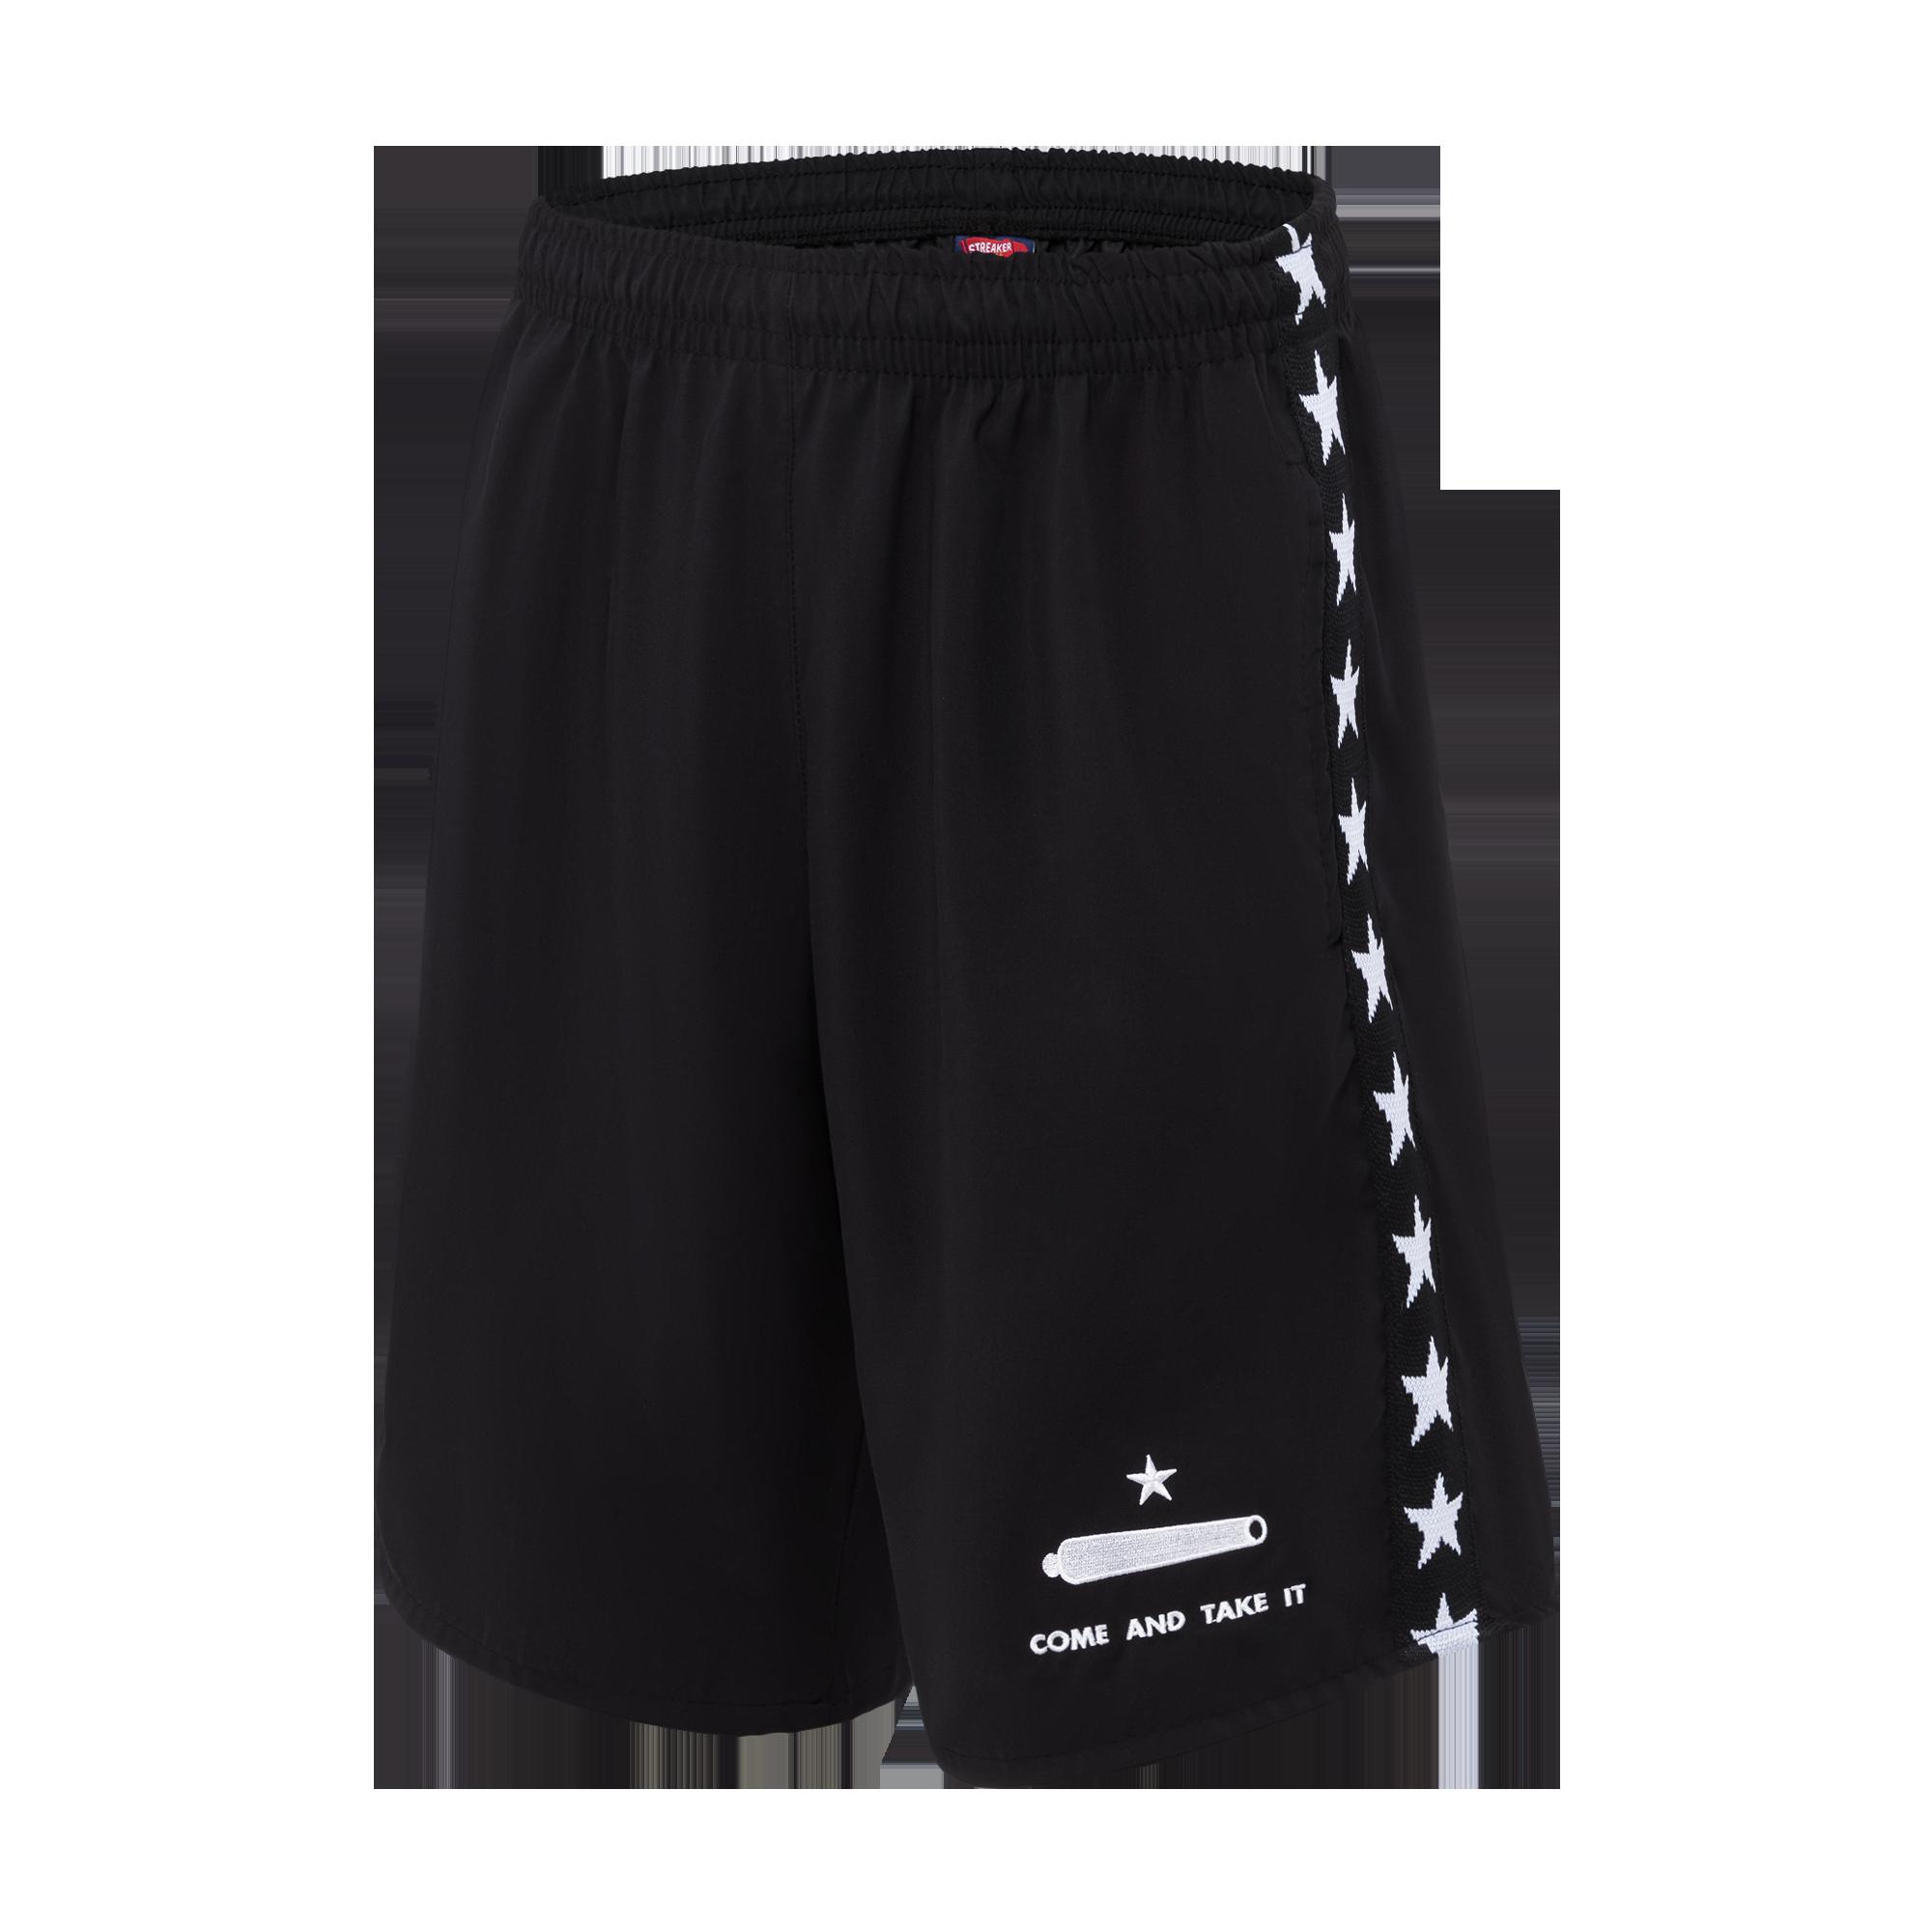 black Shorts product photo